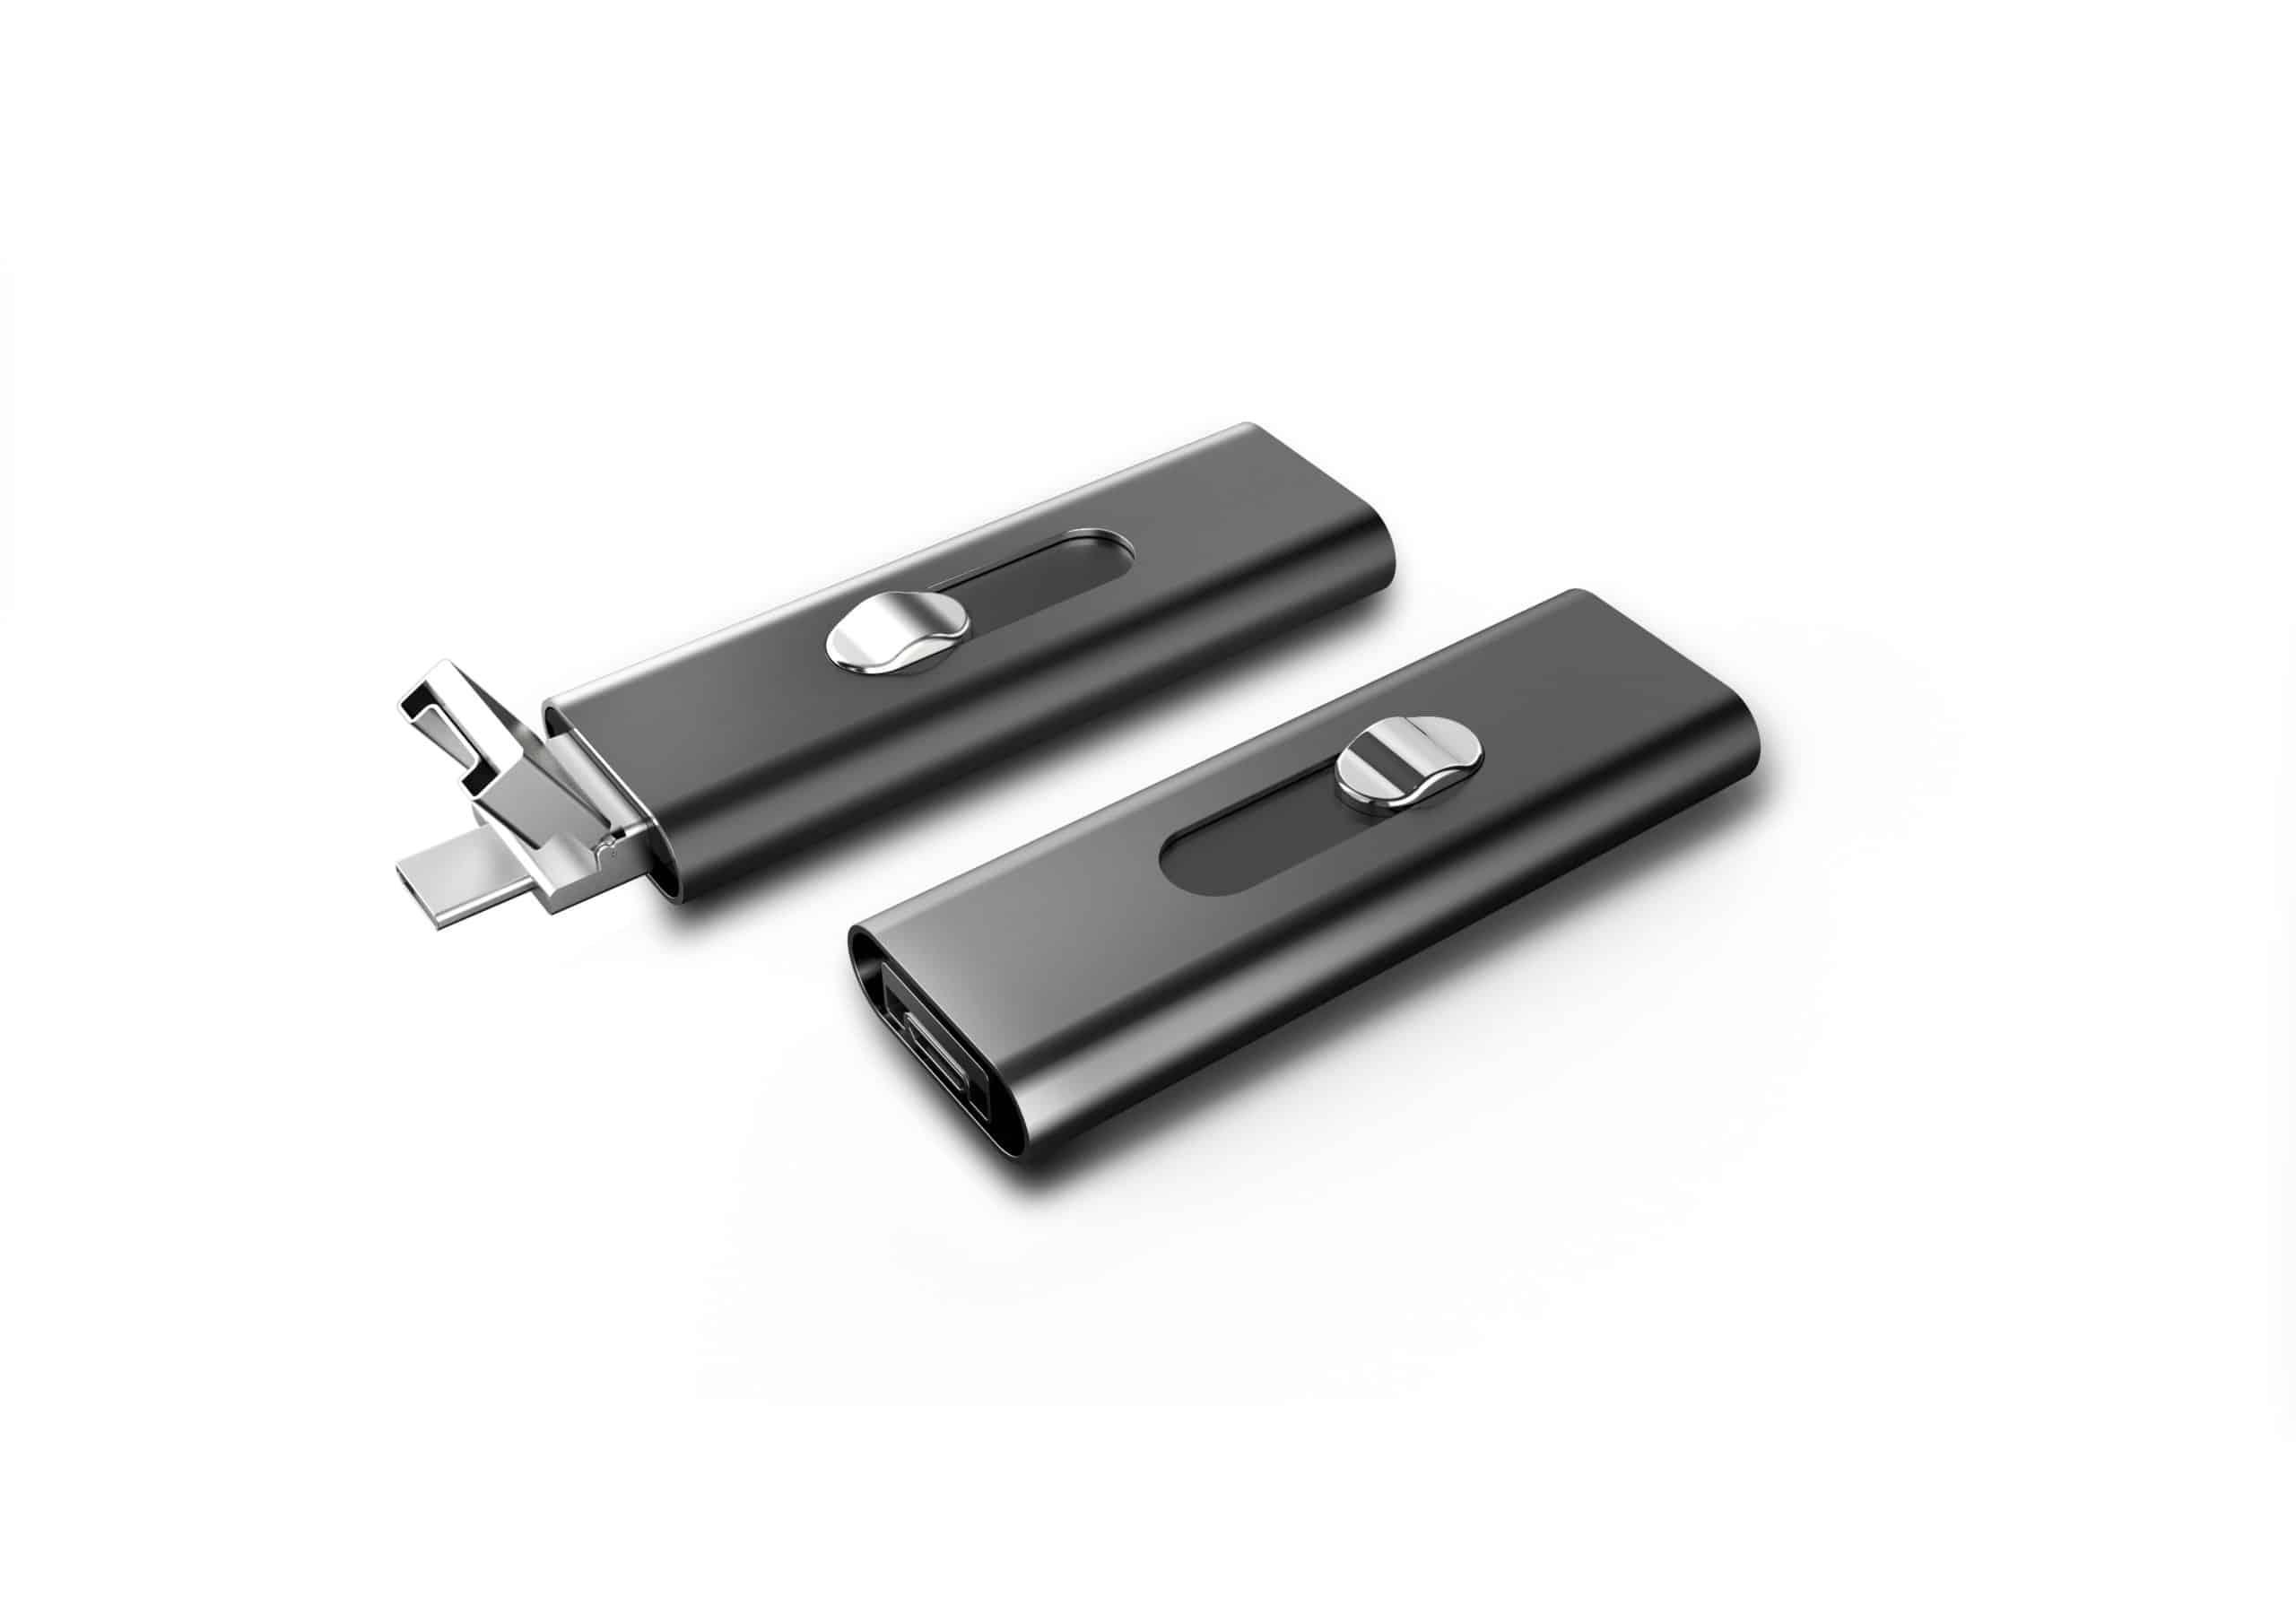 PENDRIVE PINCHO MEMORIA USB MICRO USB GRABADORA DE AUDIO 192KBPS 8GB ACTIVACIÓN POR VOZ CON CONEXIÓN A MÓVIL OTG